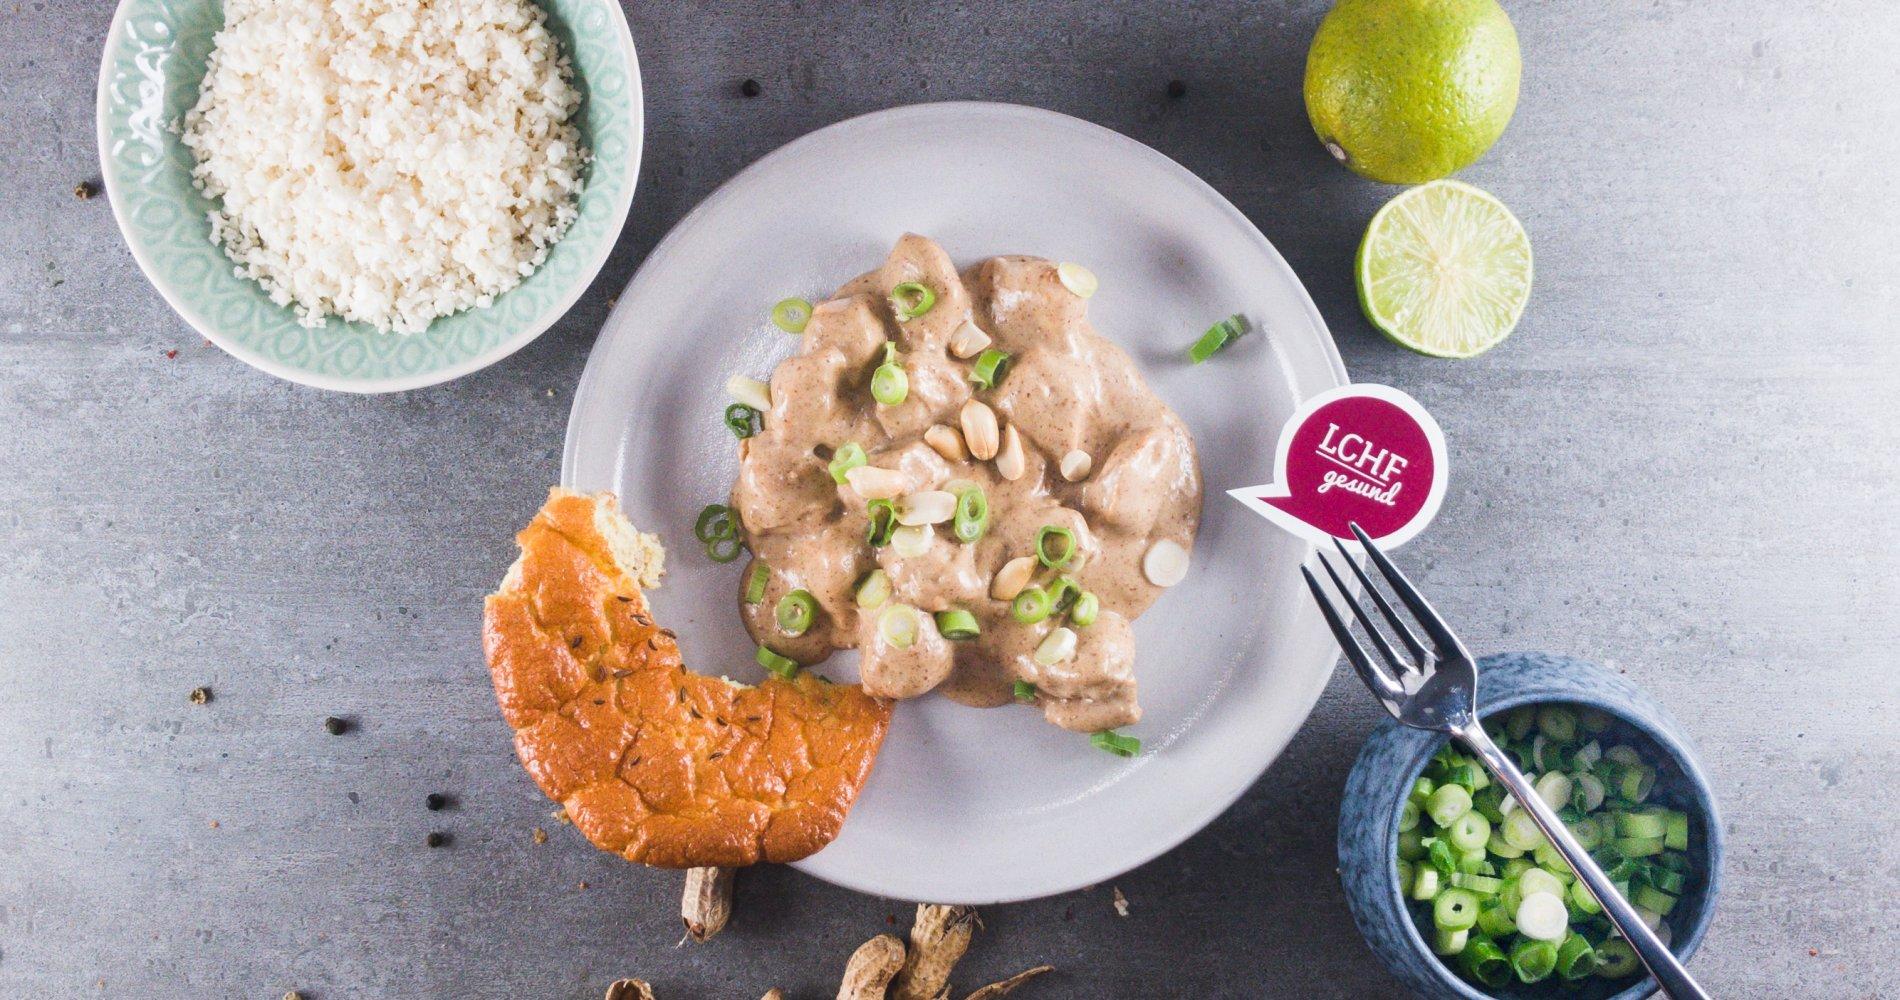 Low Carb: Huhn mit sämiger Erdnusssauce - Potenzial zum Lieblingsgericht